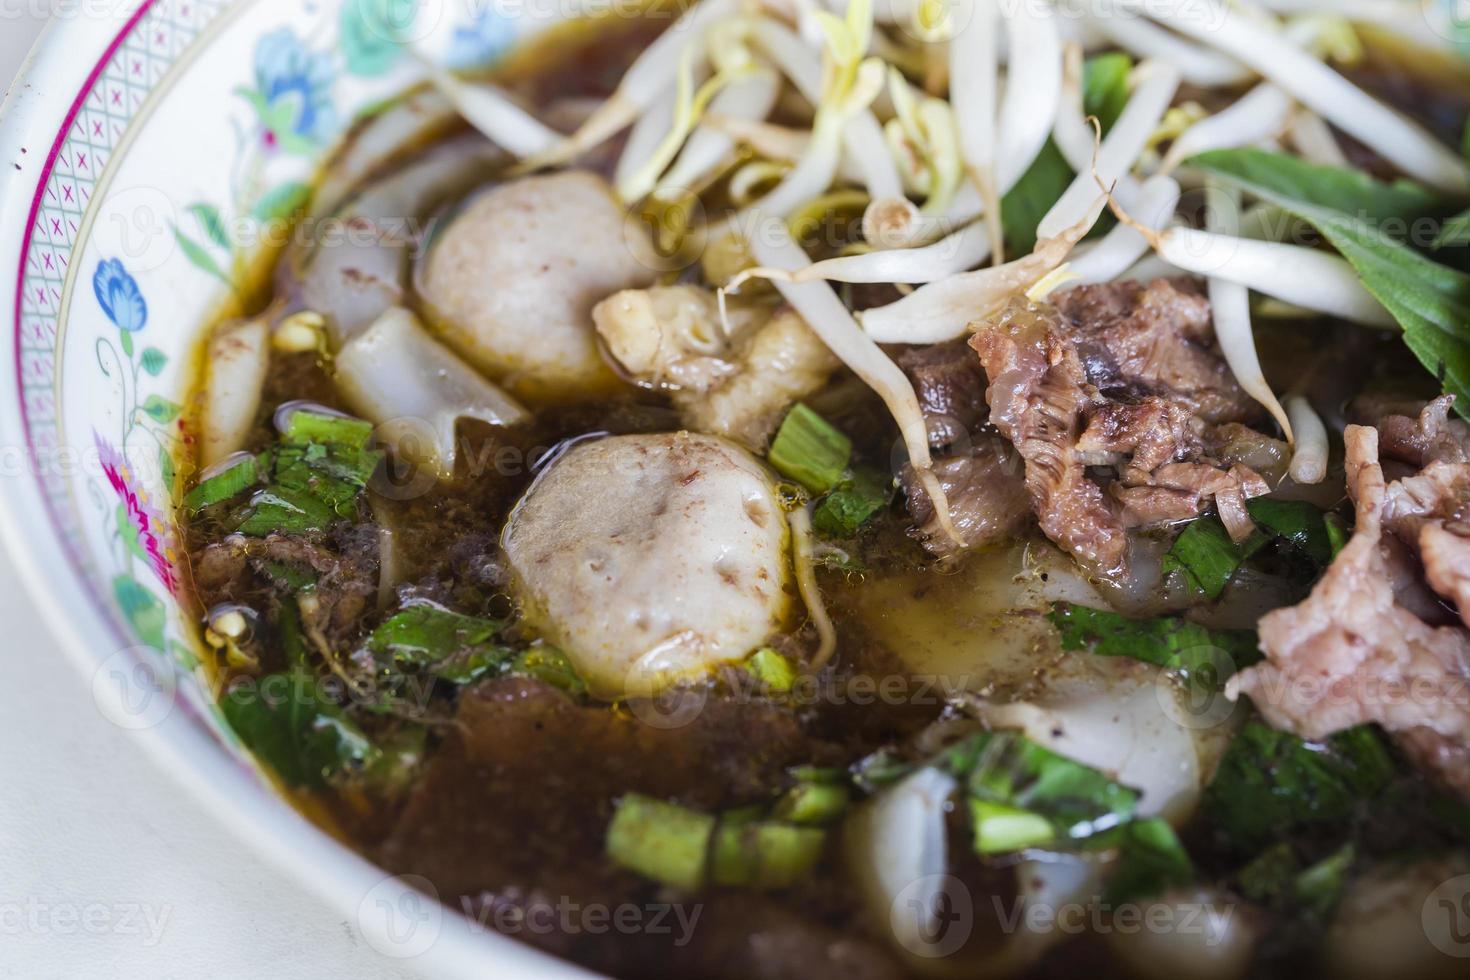 fideos de arroz ancho en sopa espesa con carne de res foto